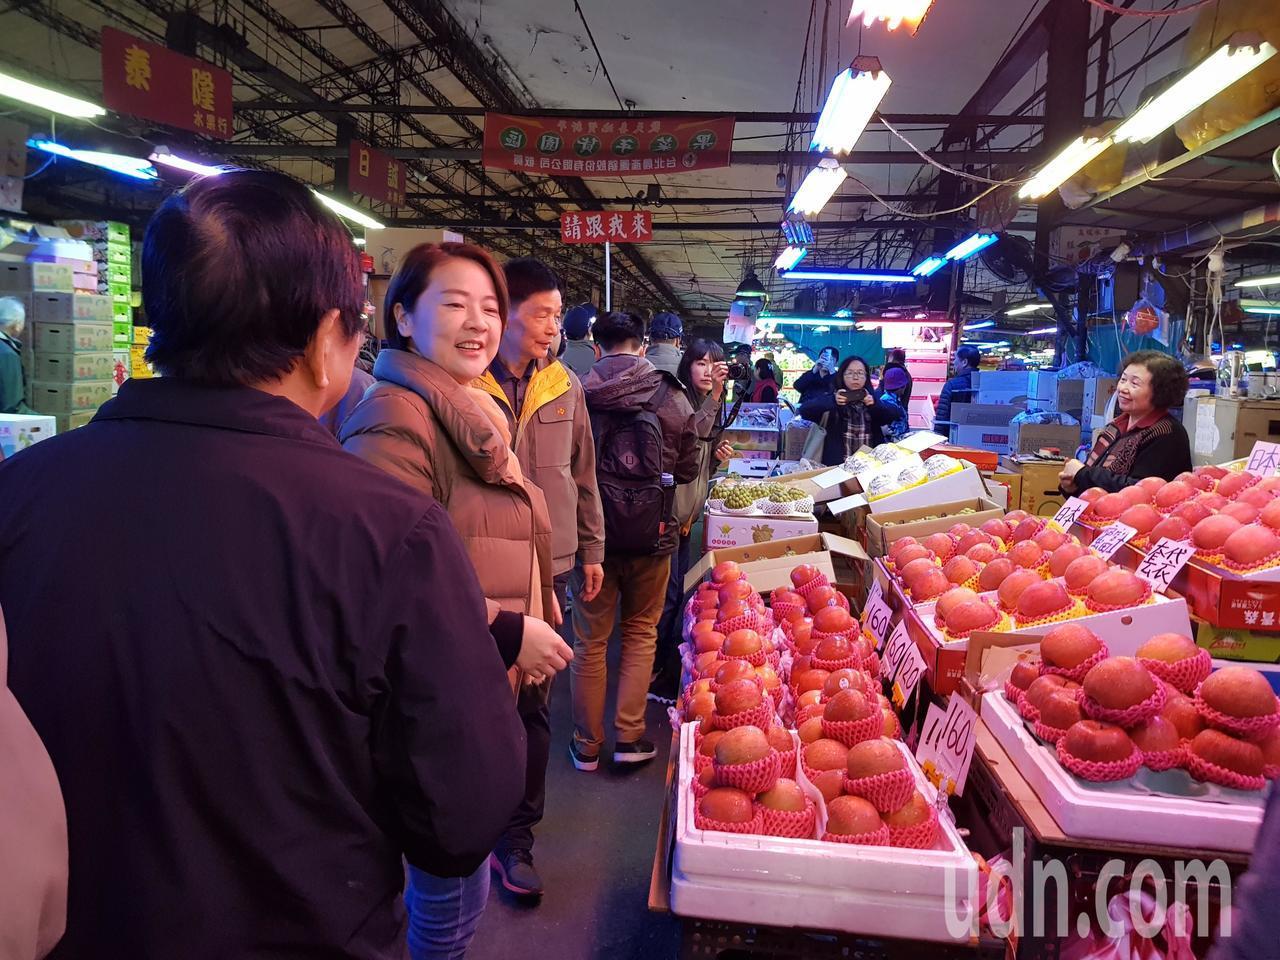 春節連假後天小年夜(23日)開始,副市長黃珊珊今天凌晨5點也到萬大魚類批發市場及...